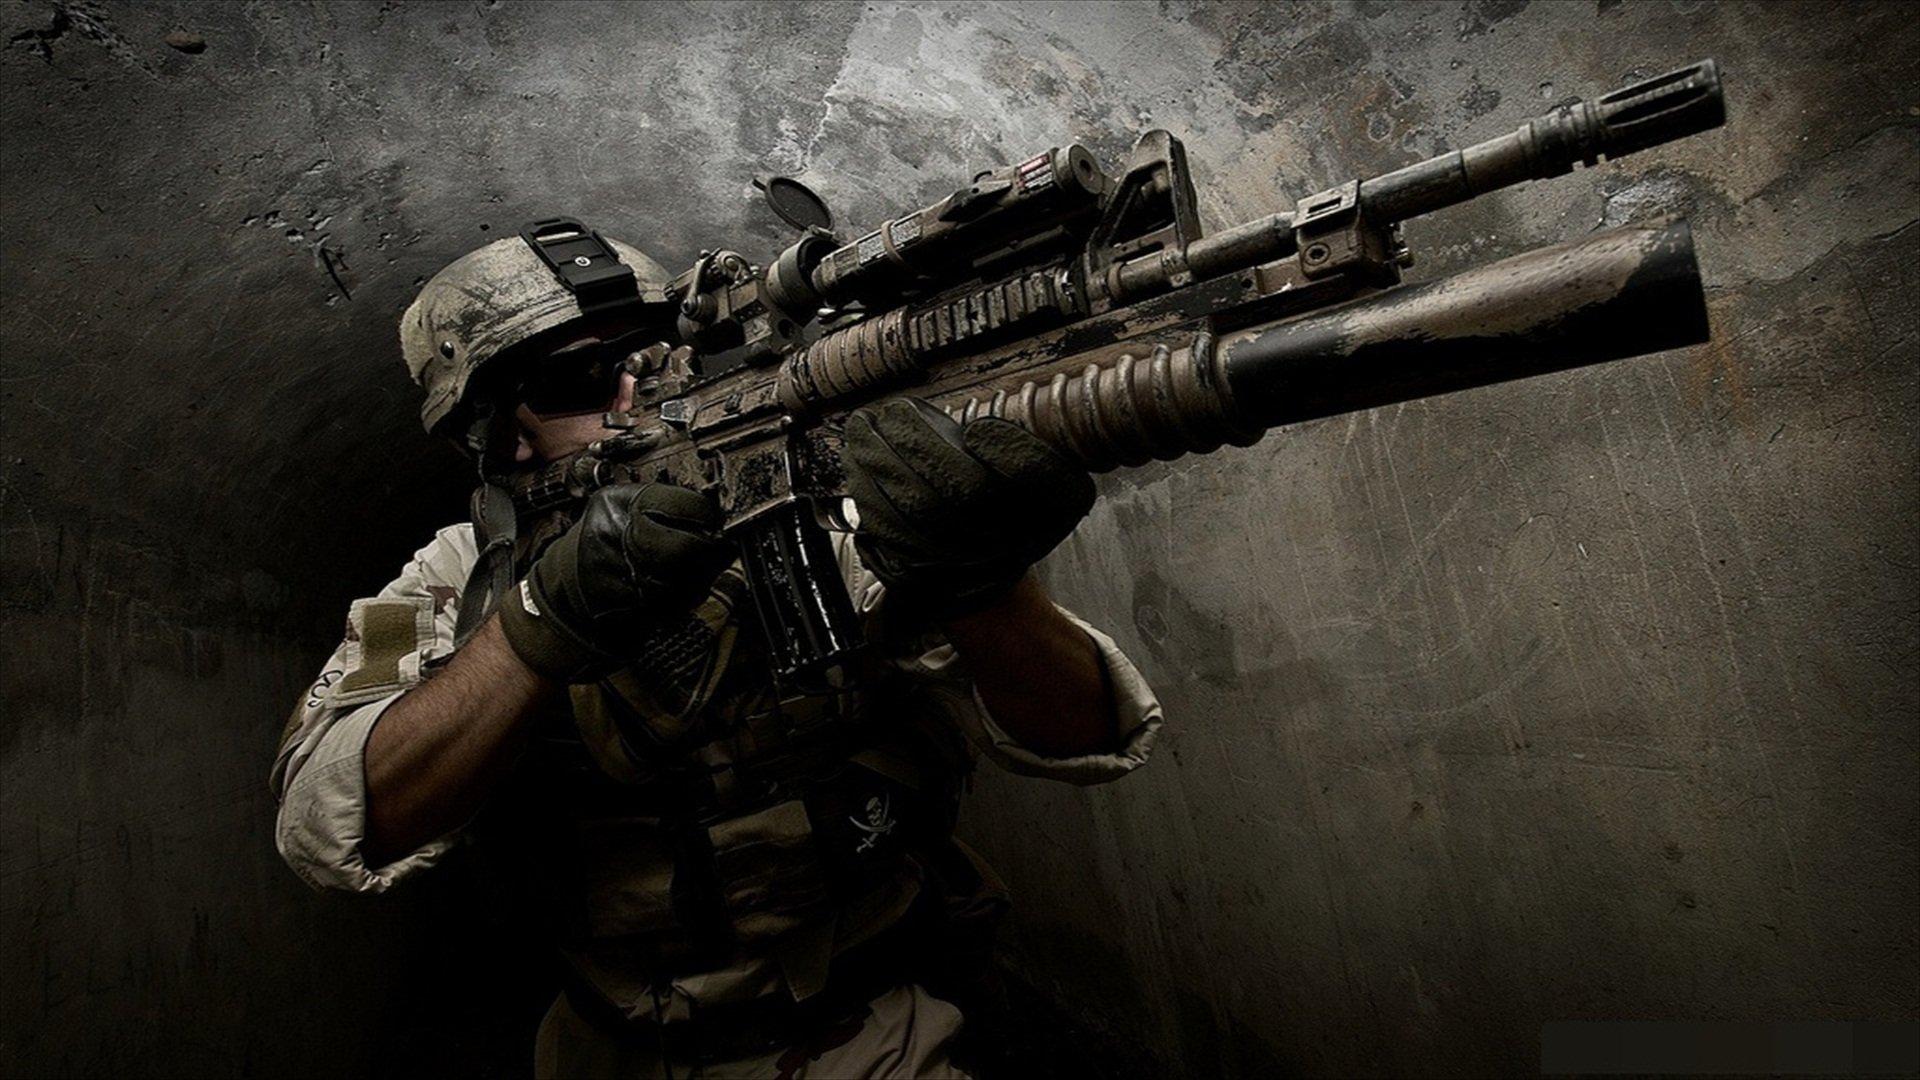 Assault Rifle HD Wallpaper